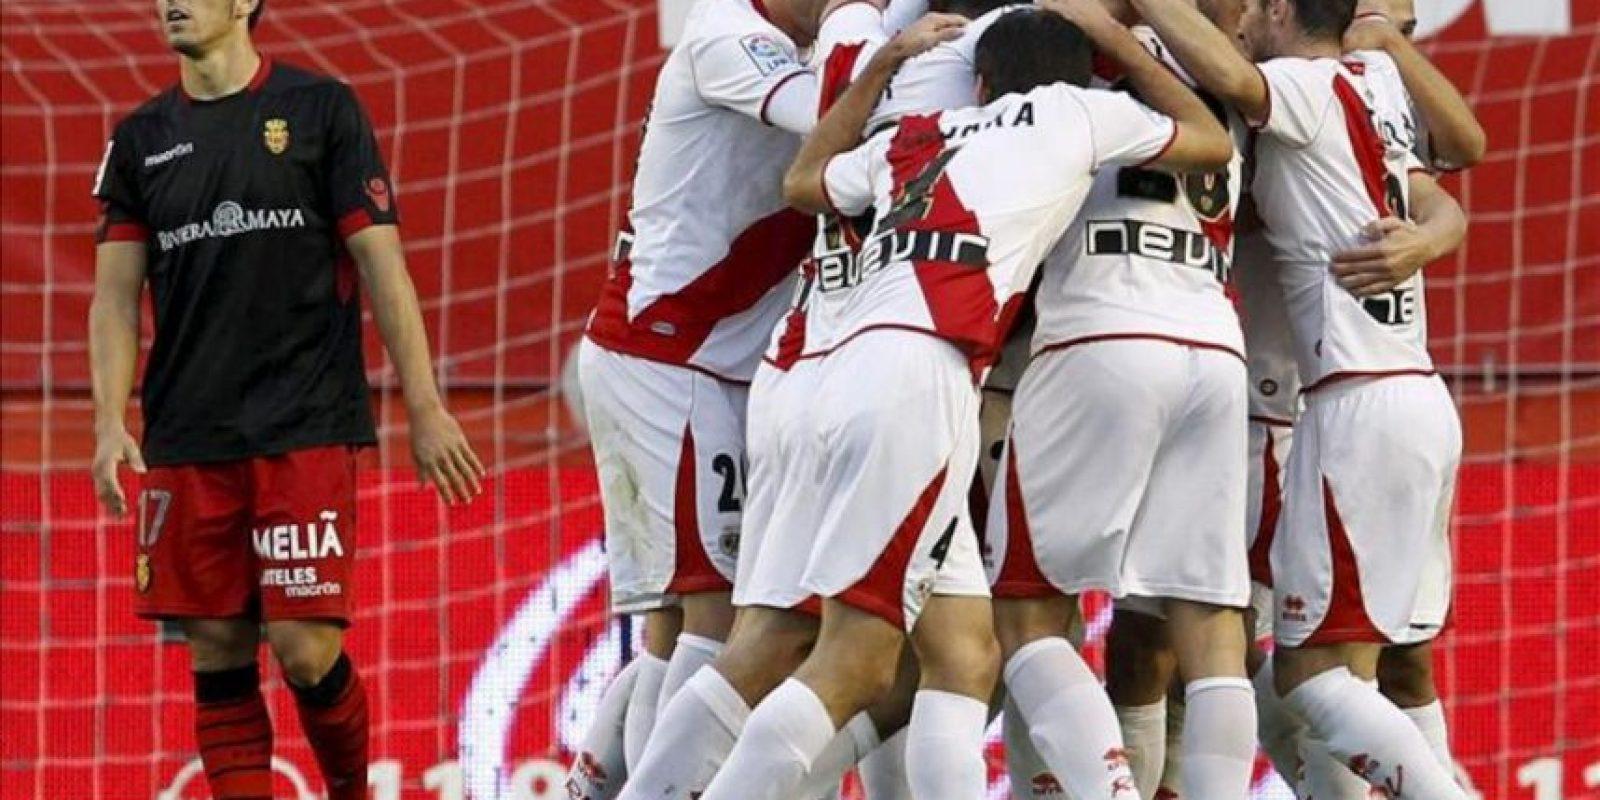 Los jugadores del Rayo Vallecano celebran el primer gol de su equipo, materializado por el delantero brasileño Leo Baptistao, en presencia del defensa del Mallorca, Pedro Bigas (i), en el partido correspondiente a la decimotercera jornada de la Liga de Primera División en el estadio municipal de Vallecas. EFE